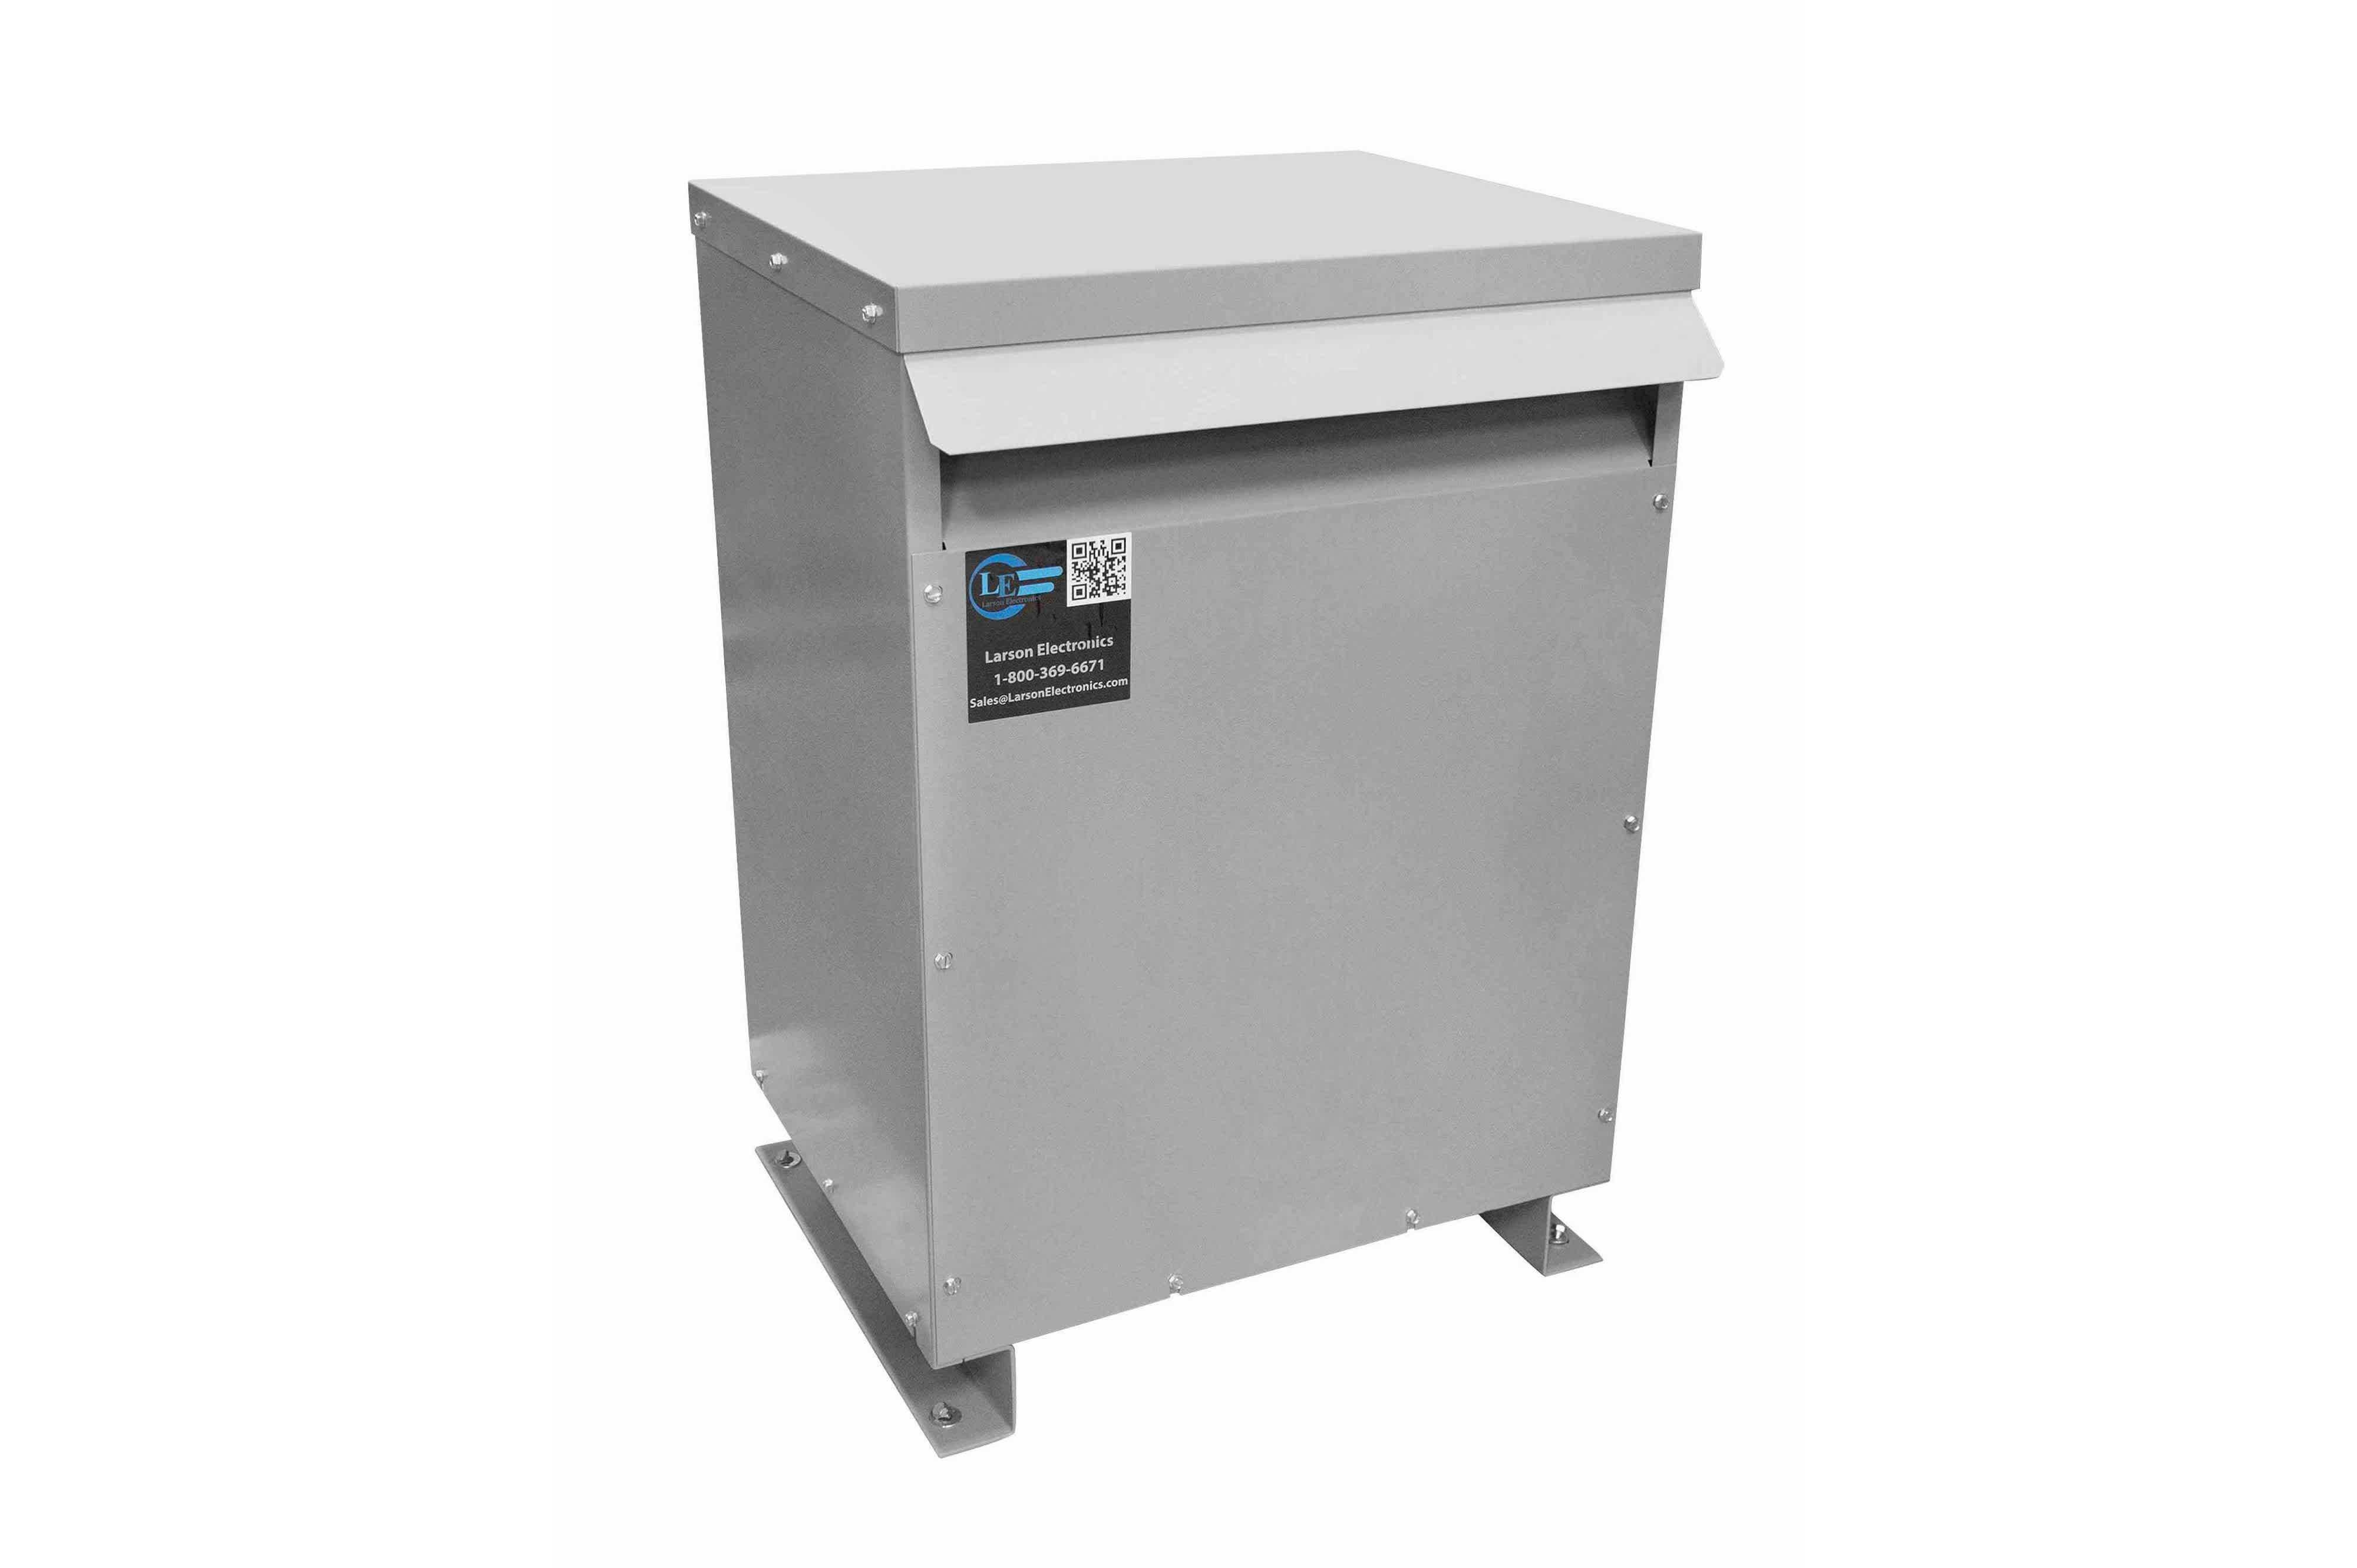 27 kVA 3PH Isolation Transformer, 240V Delta Primary, 400V Delta Secondary, N3R, Ventilated, 60 Hz